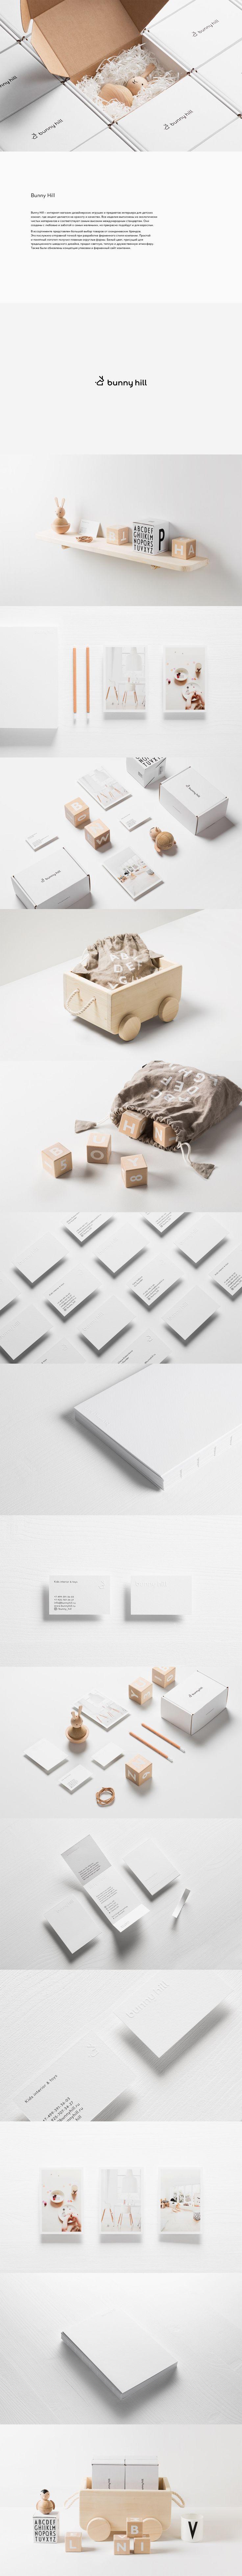 Bunny Hill Identity, Фирменный стиль © ПавелЕмельянов